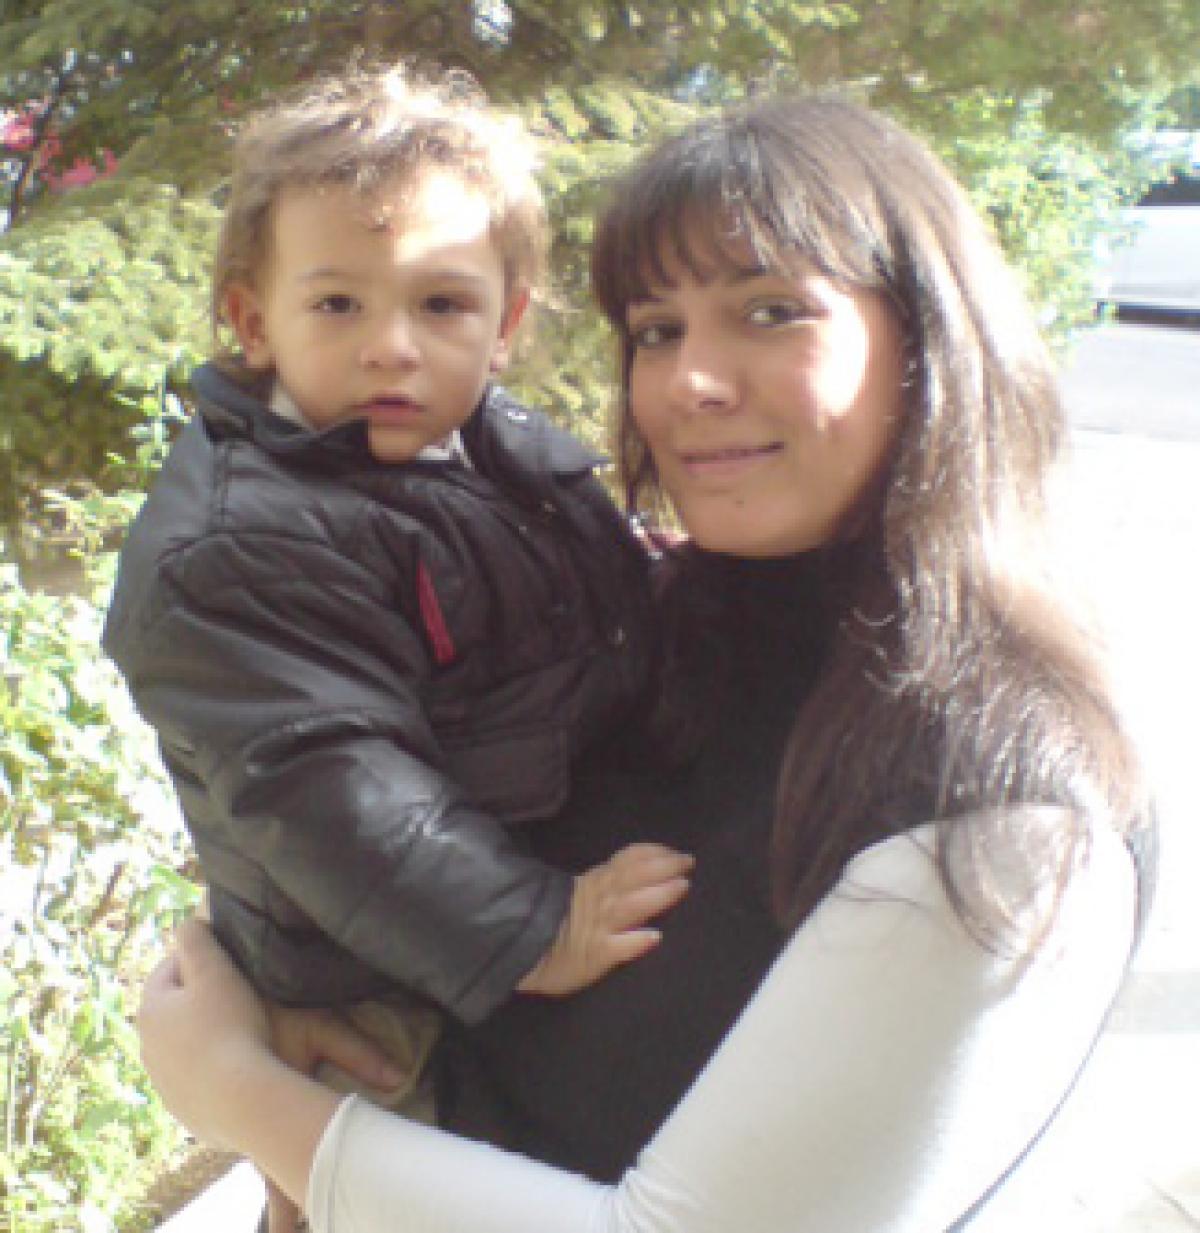 Η μαμά ρωτάει: Το μωράκι μου είναι ΠΑΛΙ άρρωστο. Τι να κάνω επιτέλους;